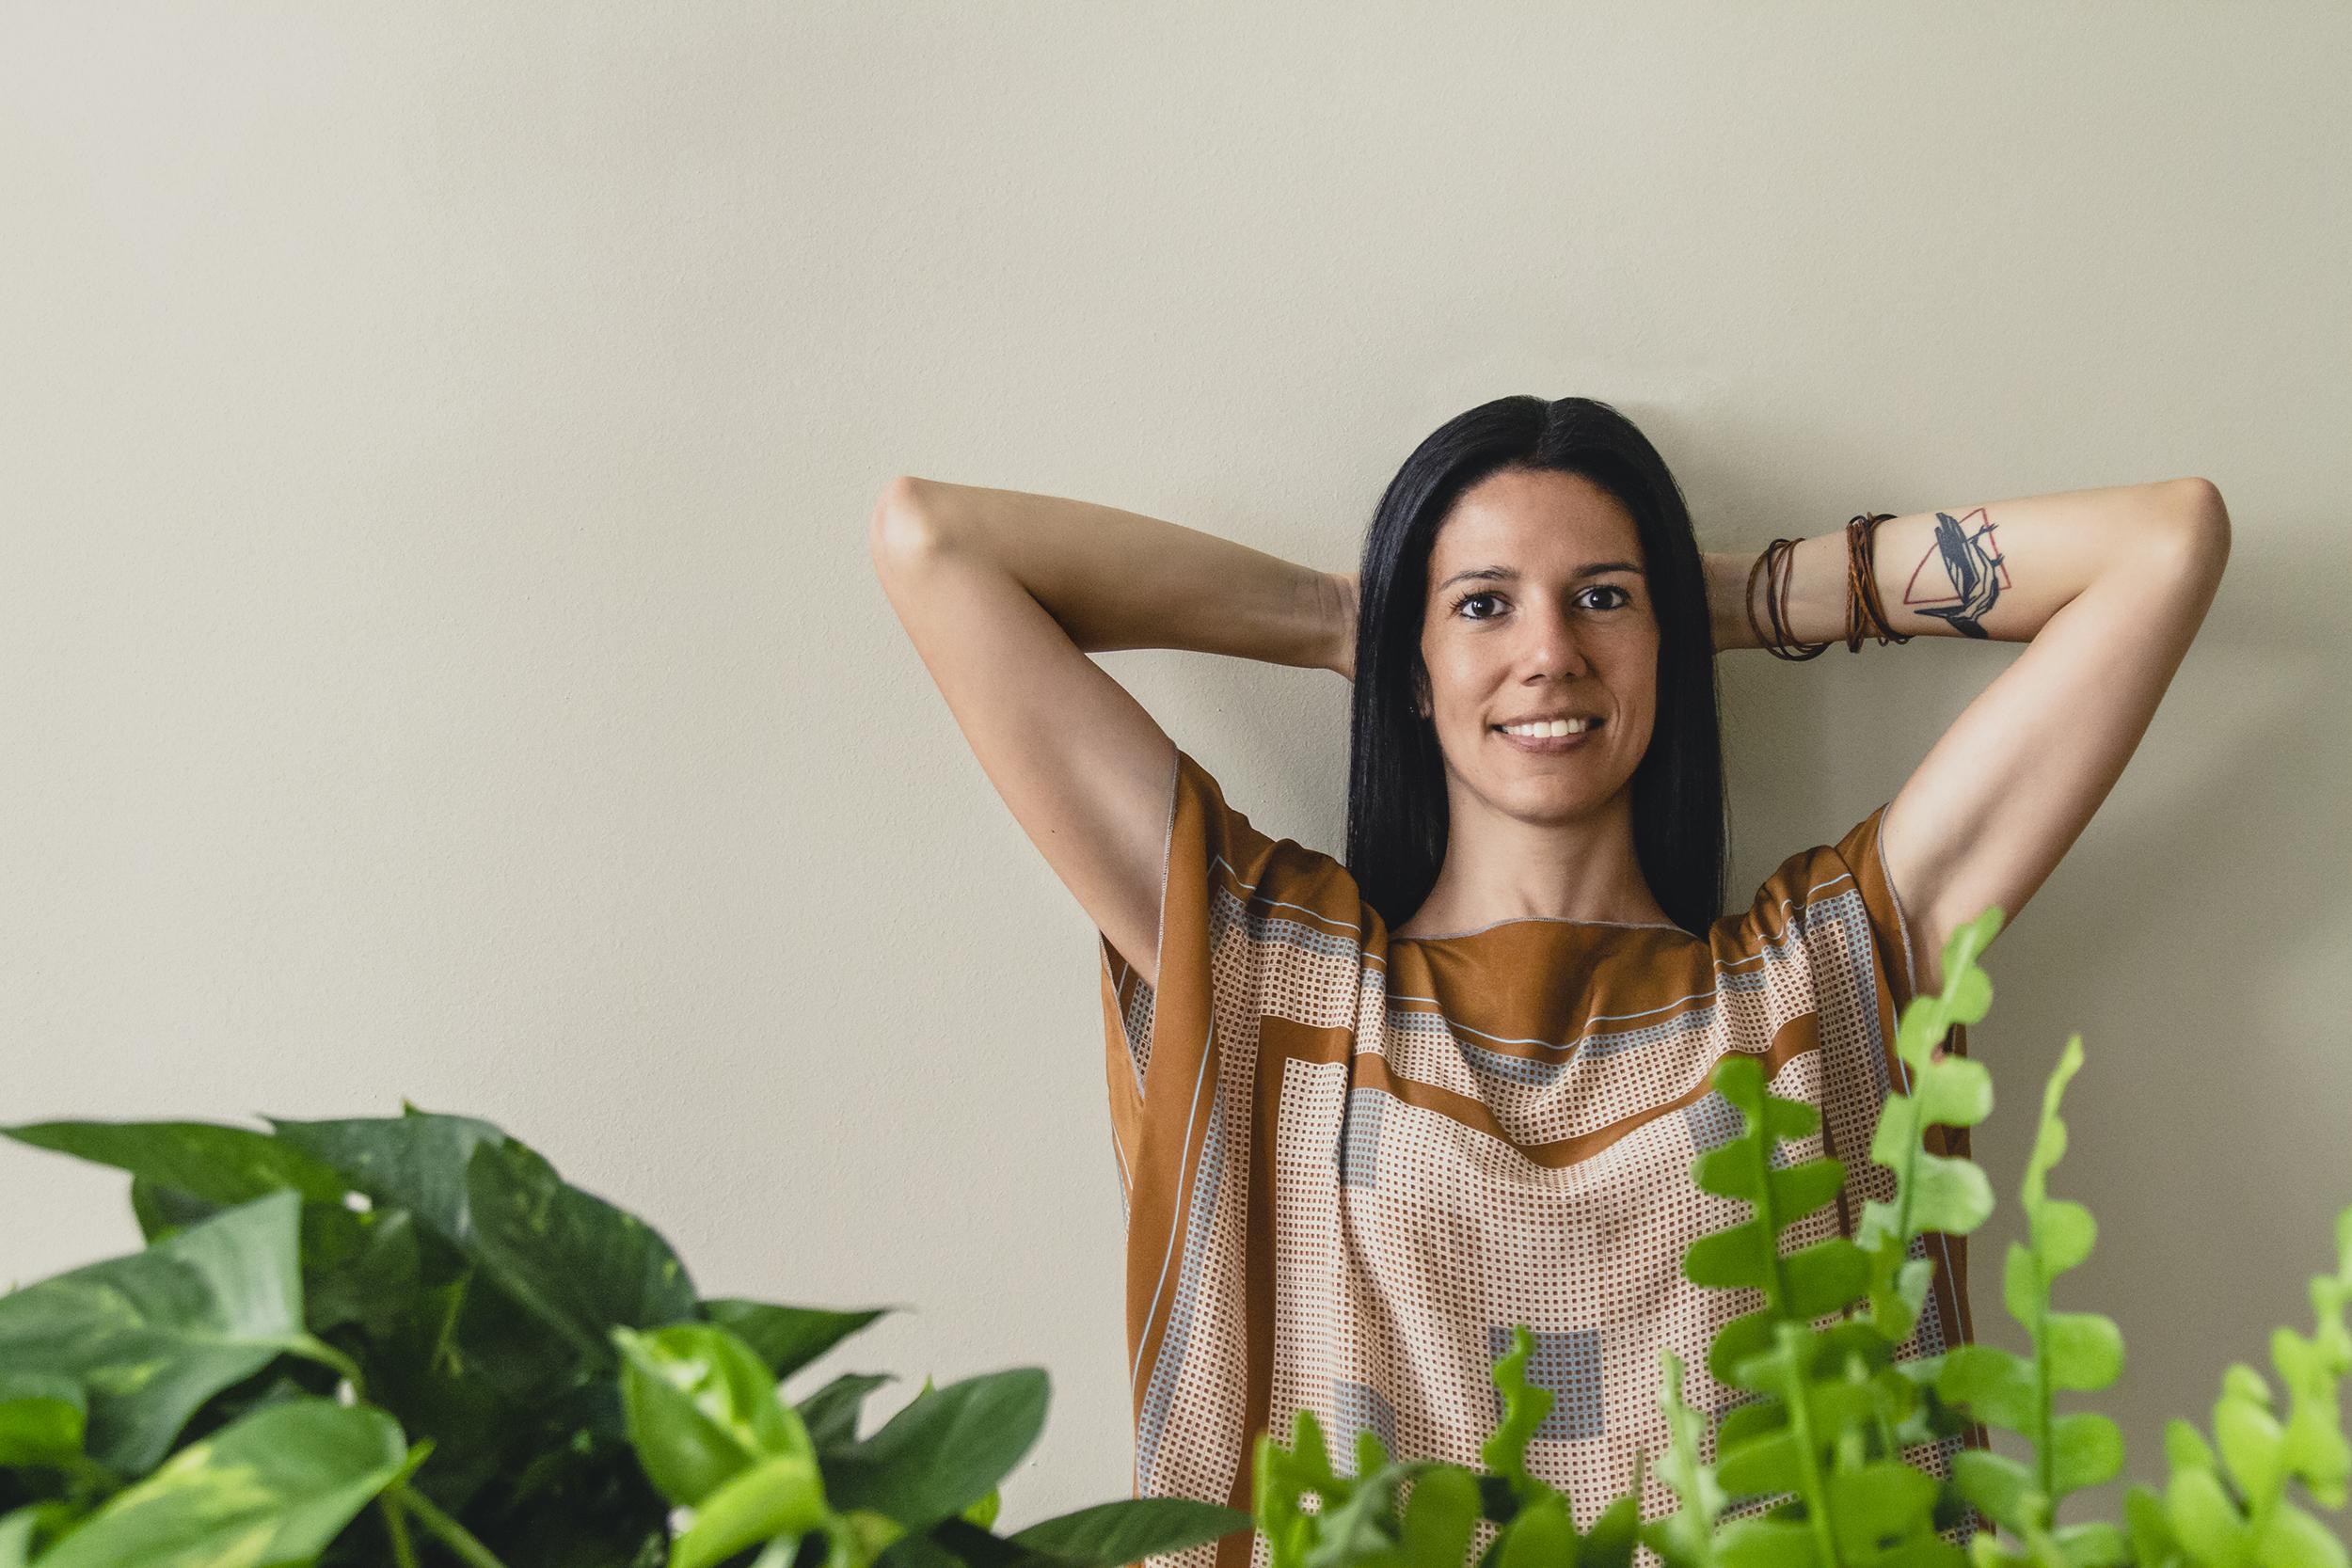 Giulia Pravato - Ho un PhD (dottorato) in filosofia e ho lavorato nella ricerca universitaria fino all'anno scorso. Ho poi maturato un interesse per le attività in cui business, scienza e cultura si intersecano. Ground Control è il mio primo progetto in questa direzione.Per saperne di più: www.giuliapravato.org